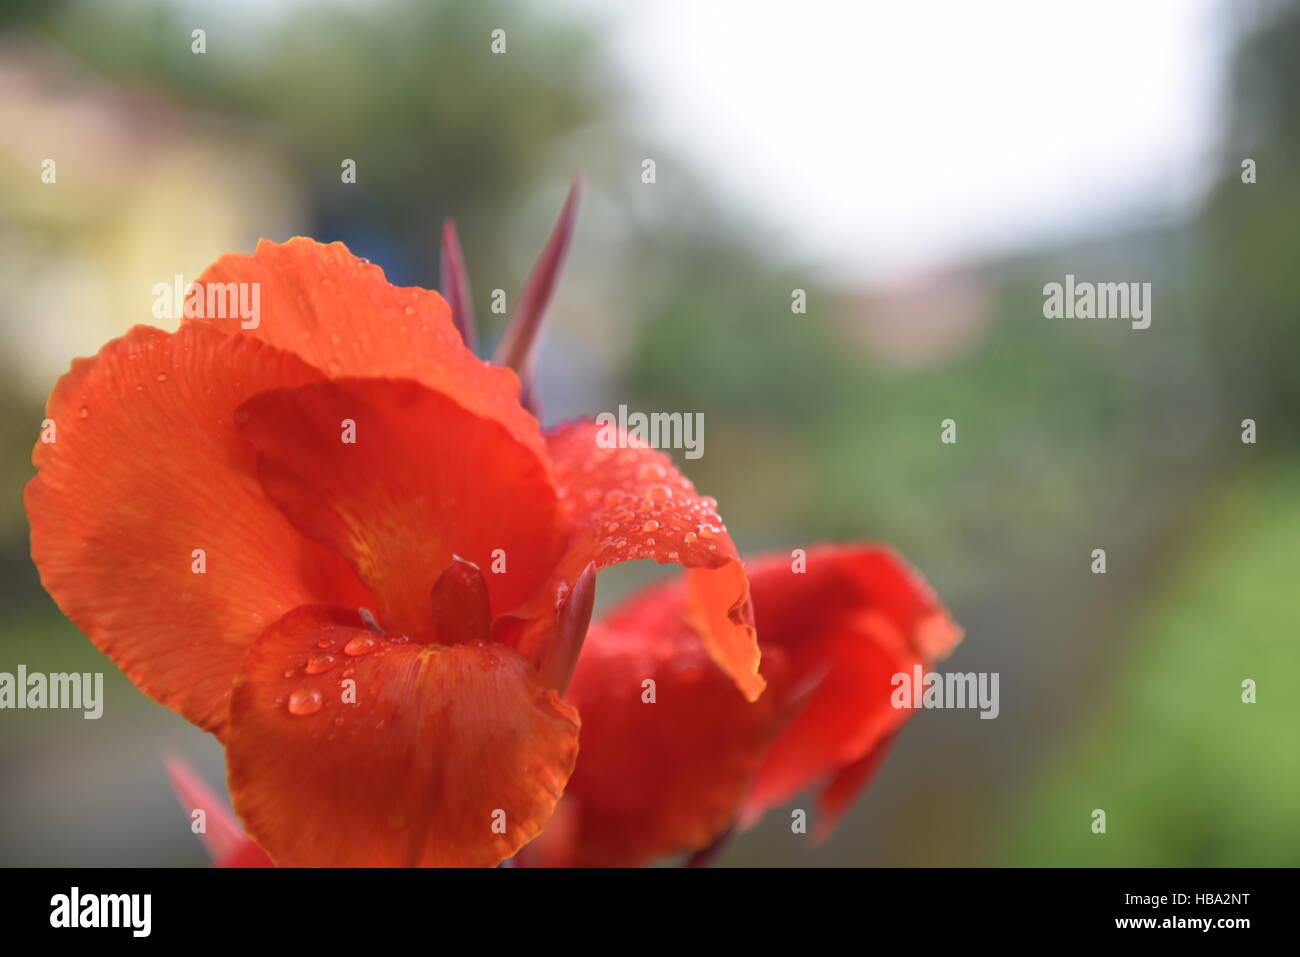 Canna lily, aunque no un verdadero lirio. Planta de flor indio grabaciones tomadas en los días lluviosos Foto de stock